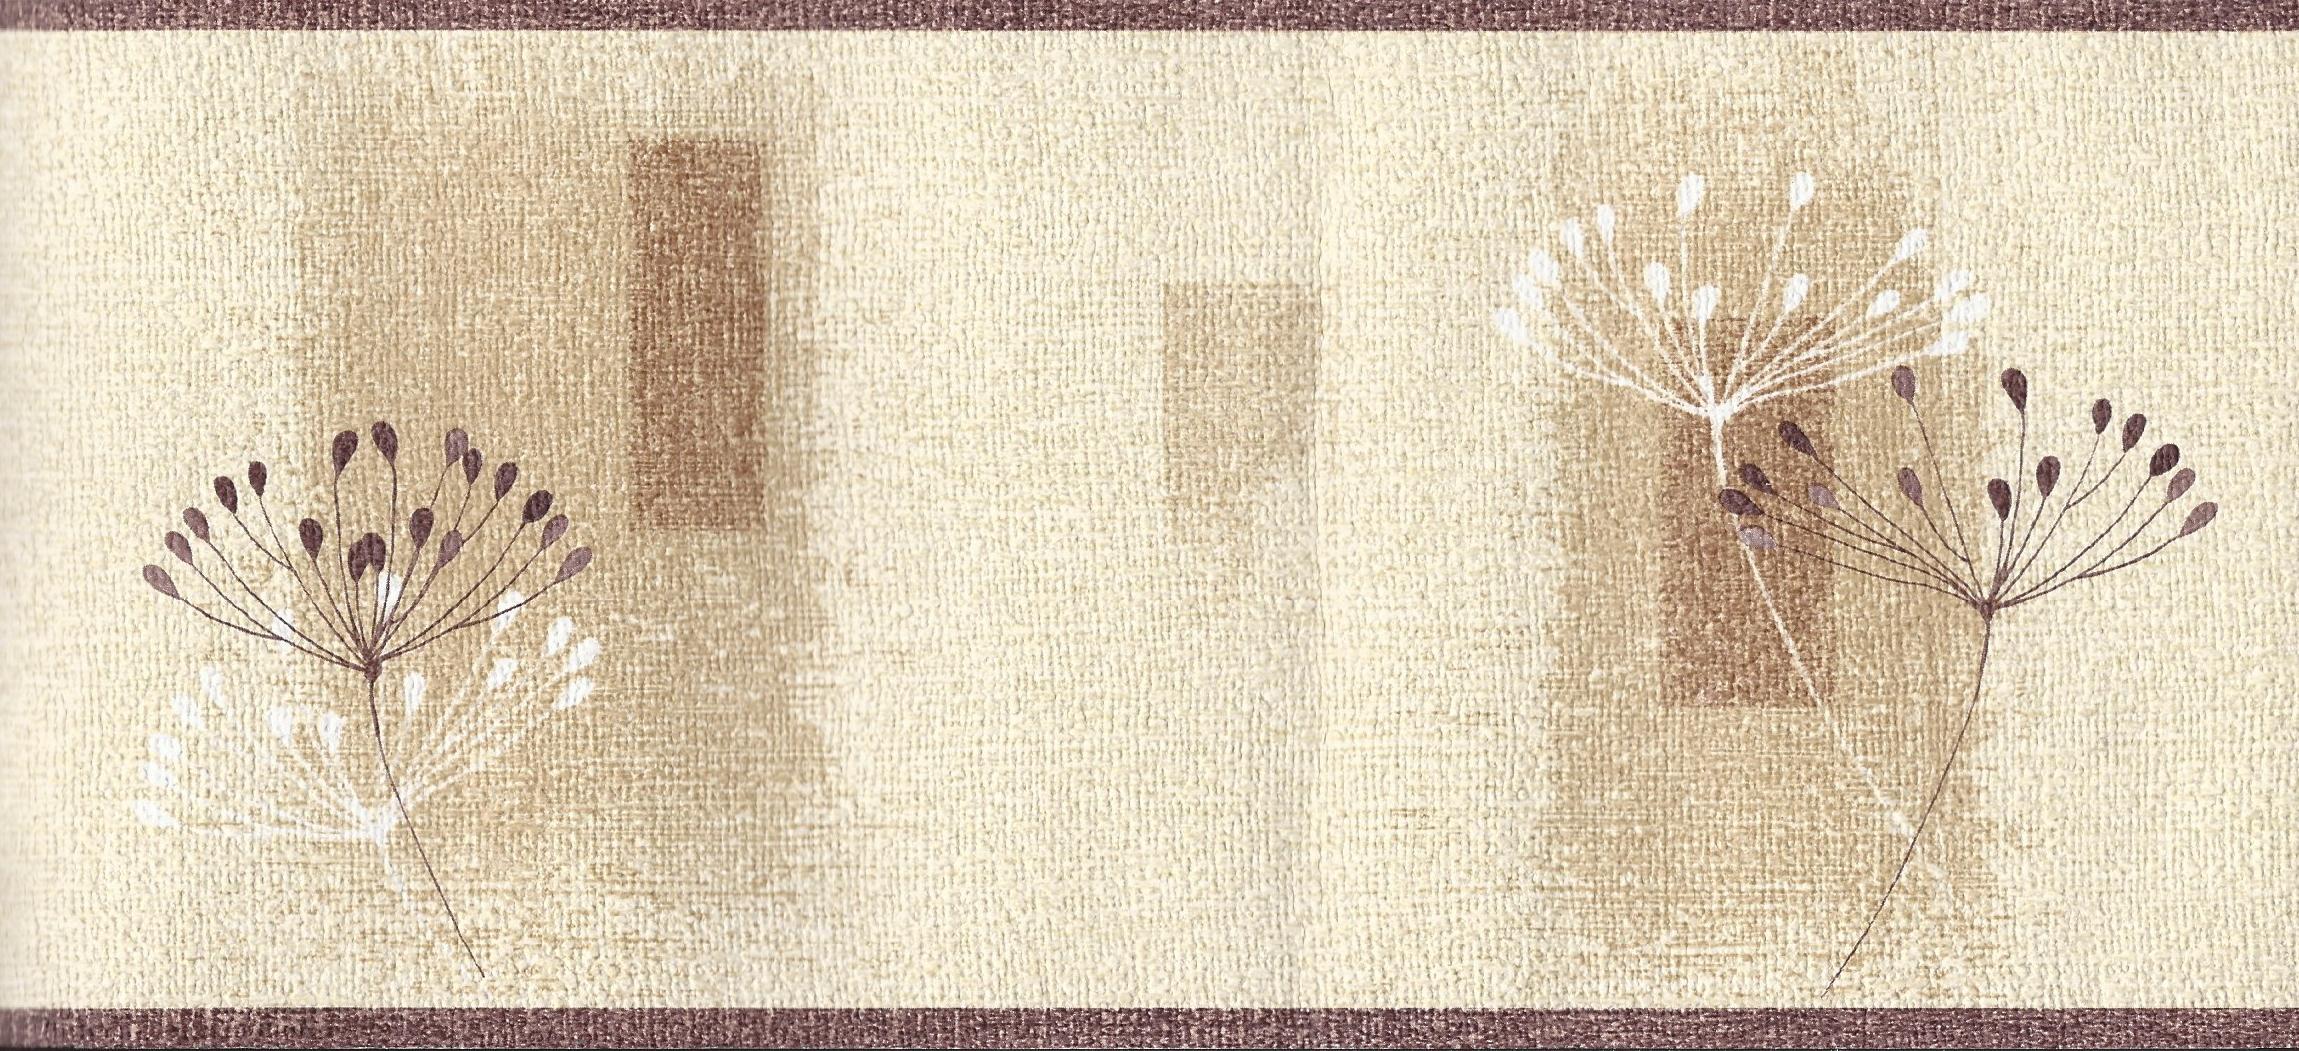 Dandelion Textured Cream Brown Border 97023 by EuroStudio 2299x1051